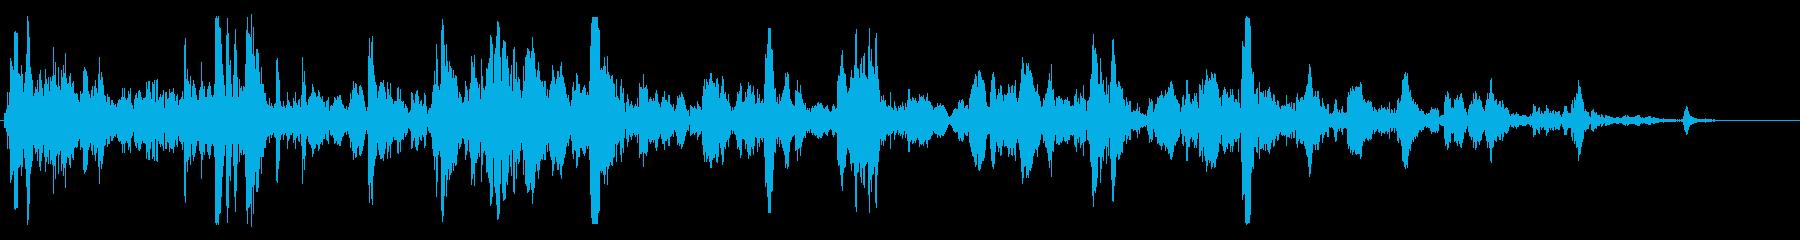 シンク:プルストッパーとドレン、ヘ...の再生済みの波形